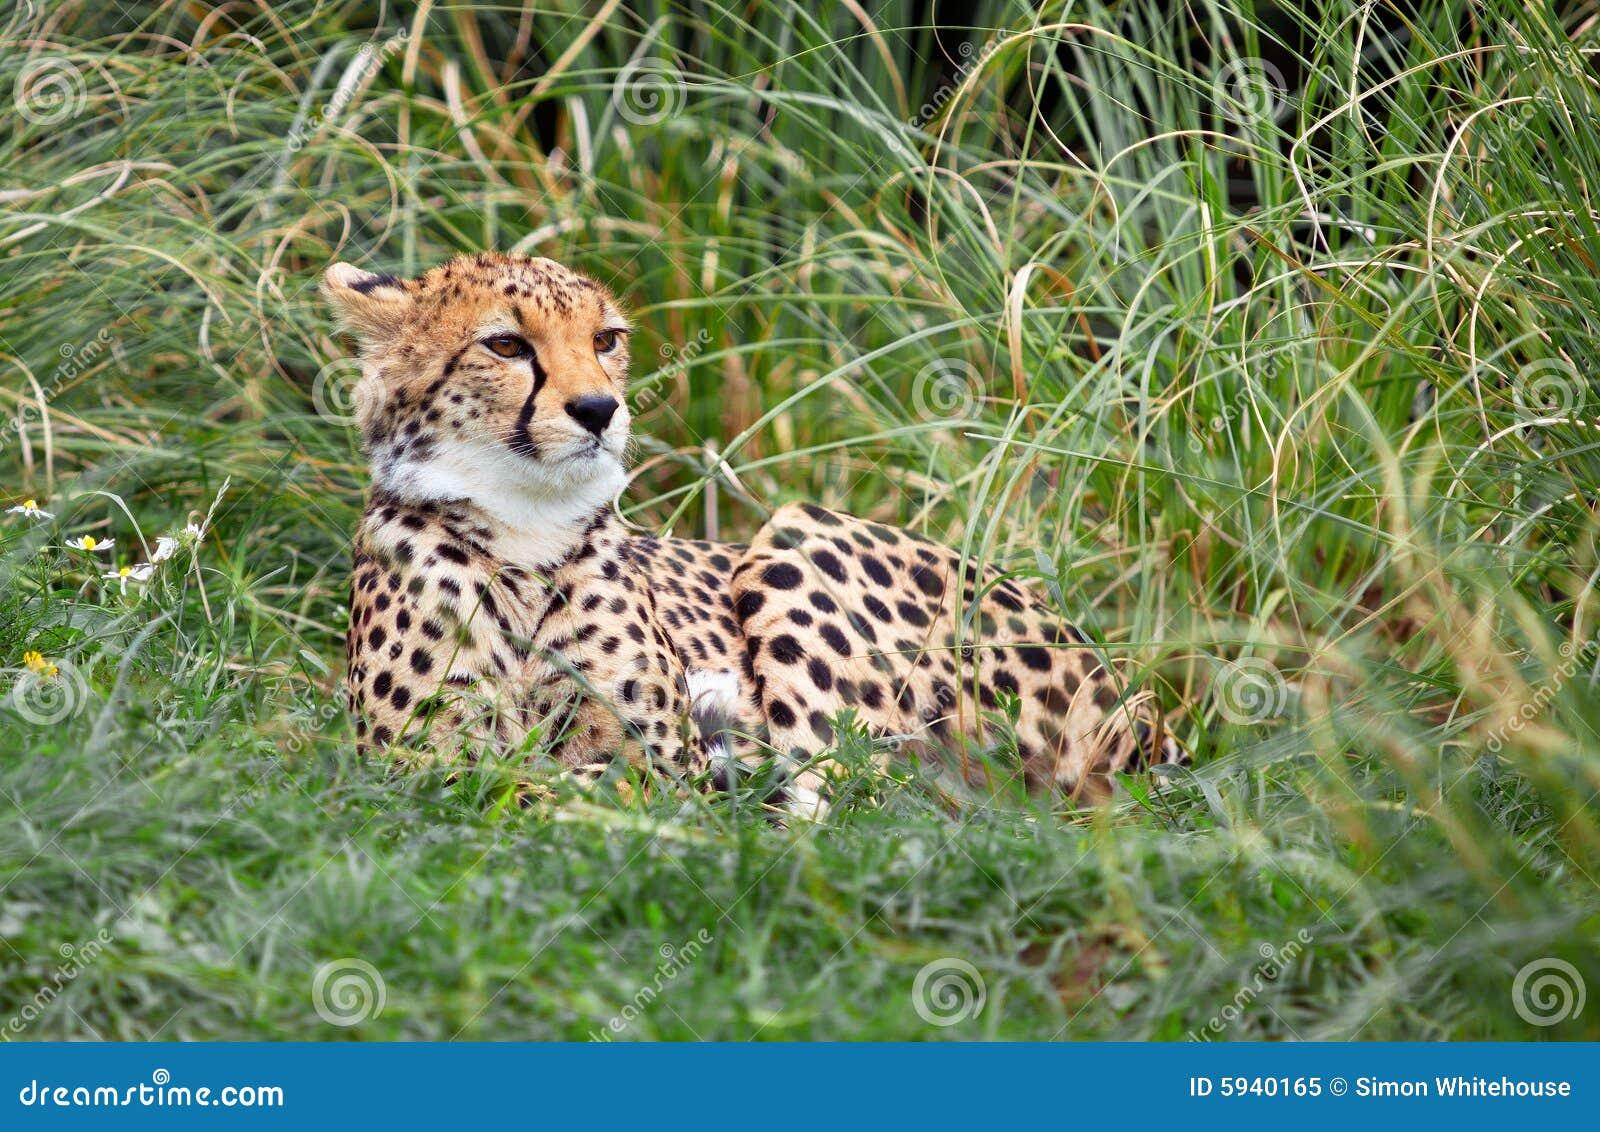 Young Cheetah Royalty Free Stock Photo - Image: 5940165